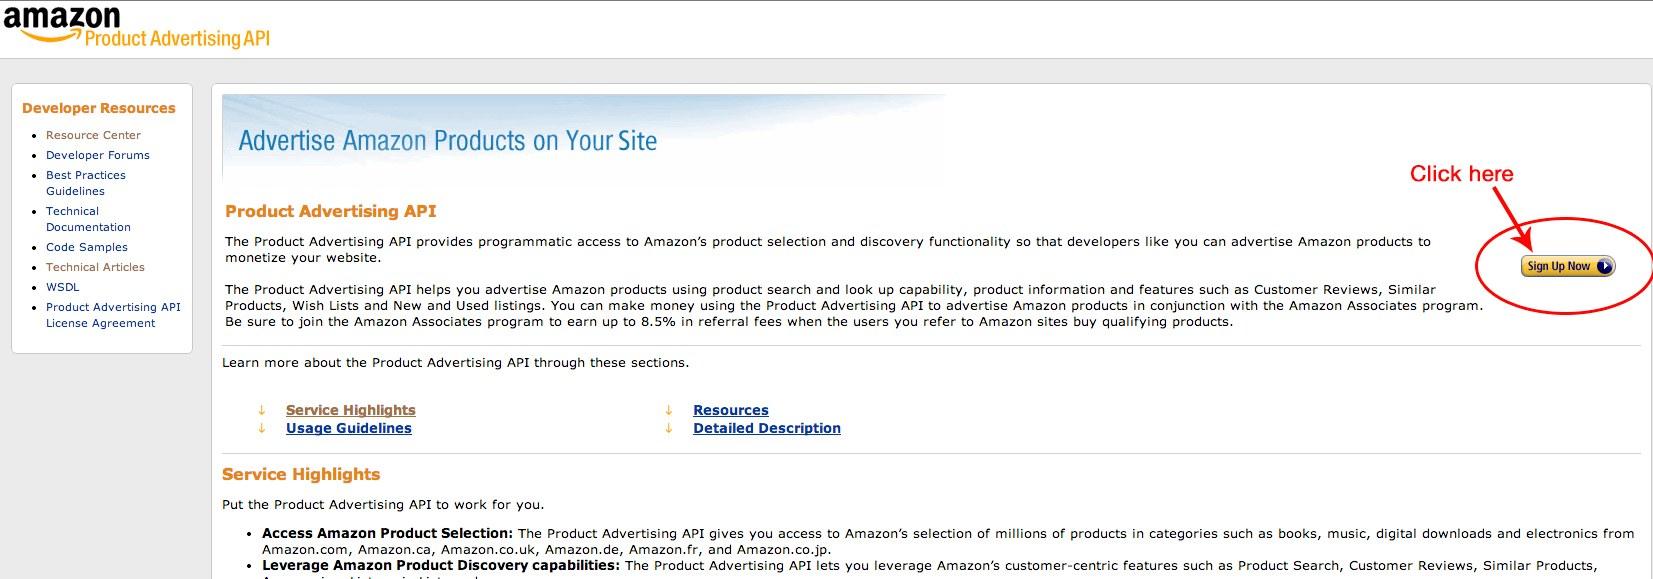 amazon product advertising api documentation